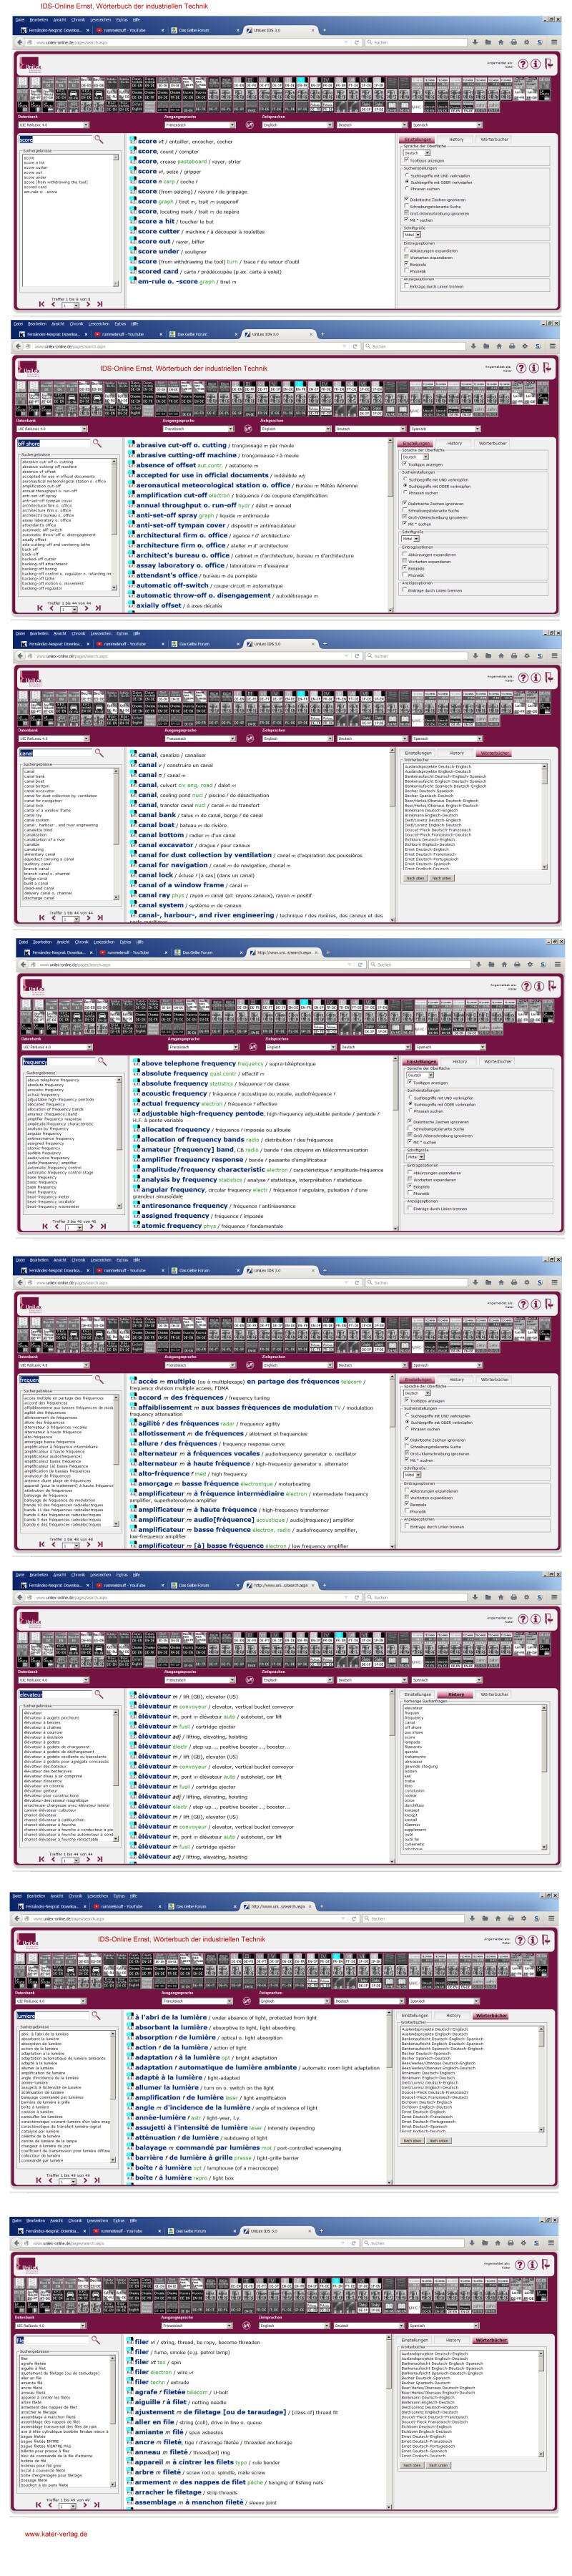 Ernst: Wörterbuch der industriellen Technik IX,X Französisch / Englisch FR-EN, EN-FR ONLINE